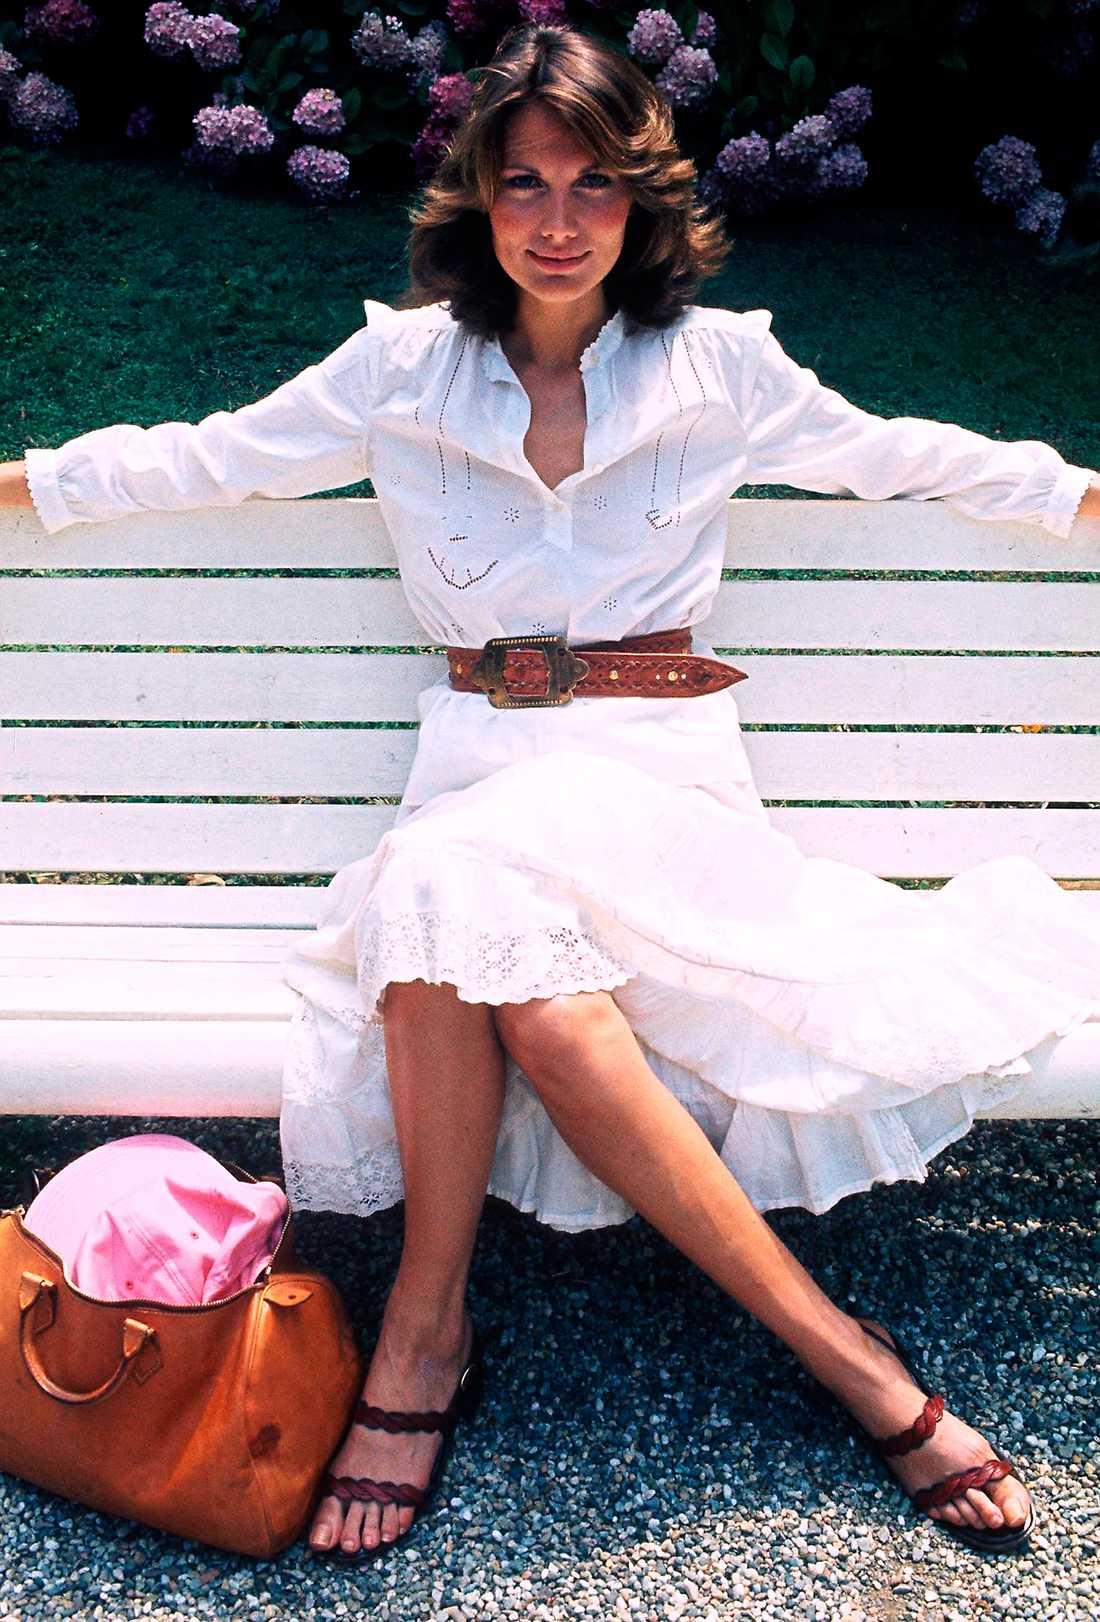 Maud Adams 1976 PB: Maud visar att vita skjortan är lika het nu som då. Att hon dessutom matchar den med vit kjol gör det hela ännu bättre. En bra och klassisk sommarlook.  NJ: Sköna Maud, så snygg i vitt! Det man minns mest av hennes stil kommer väl egentligen från Bond-filmerna men i samband med dem fick hon iklä sig den tidens absolut snyggaste looks. Stilar som än idag ger avtryck!